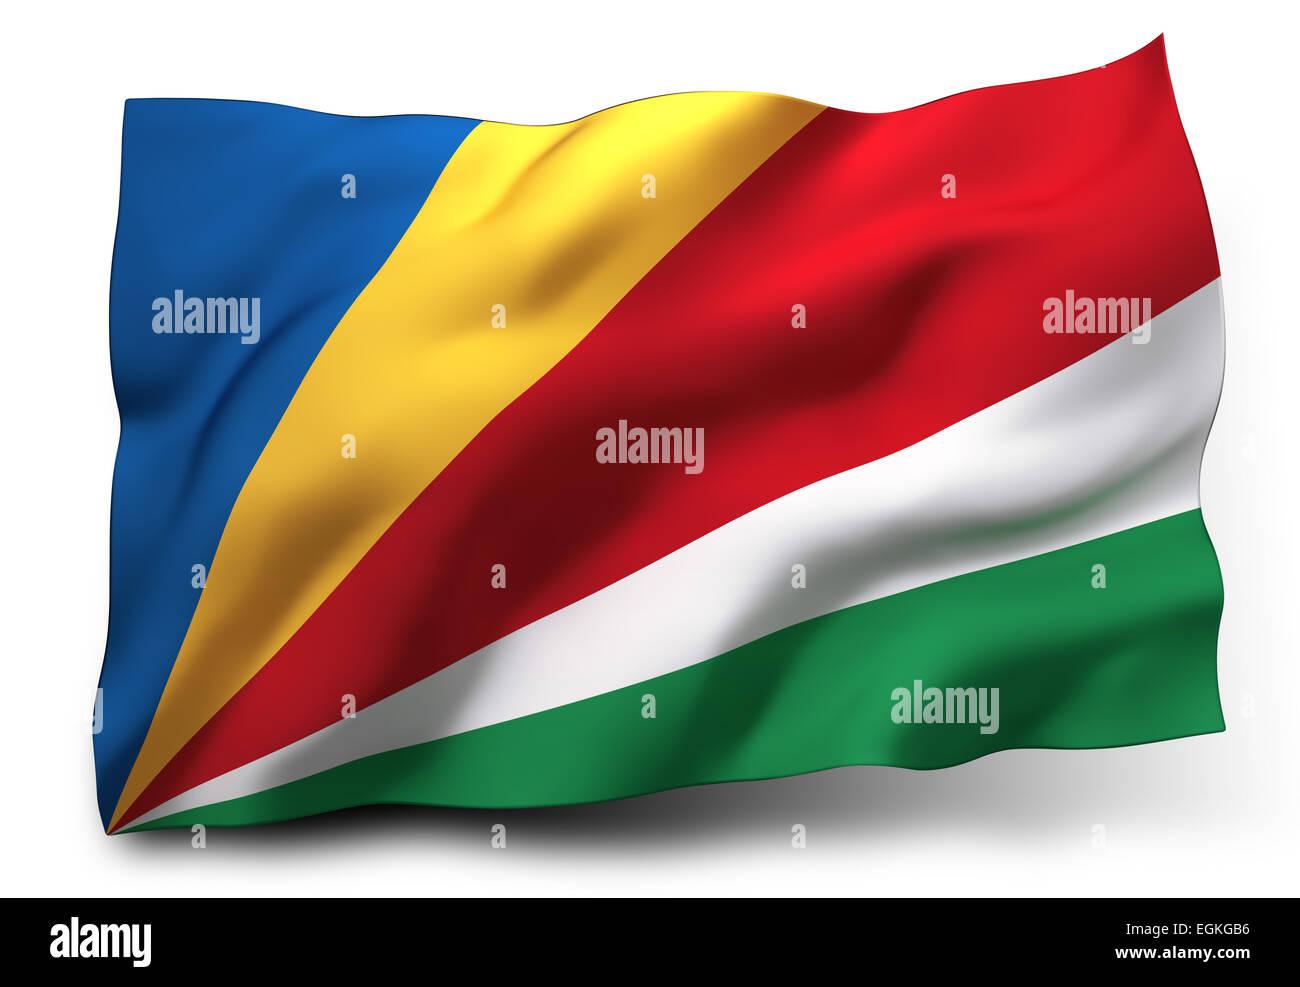 Waving flag of Seychelles isolated on white background - Stock Image